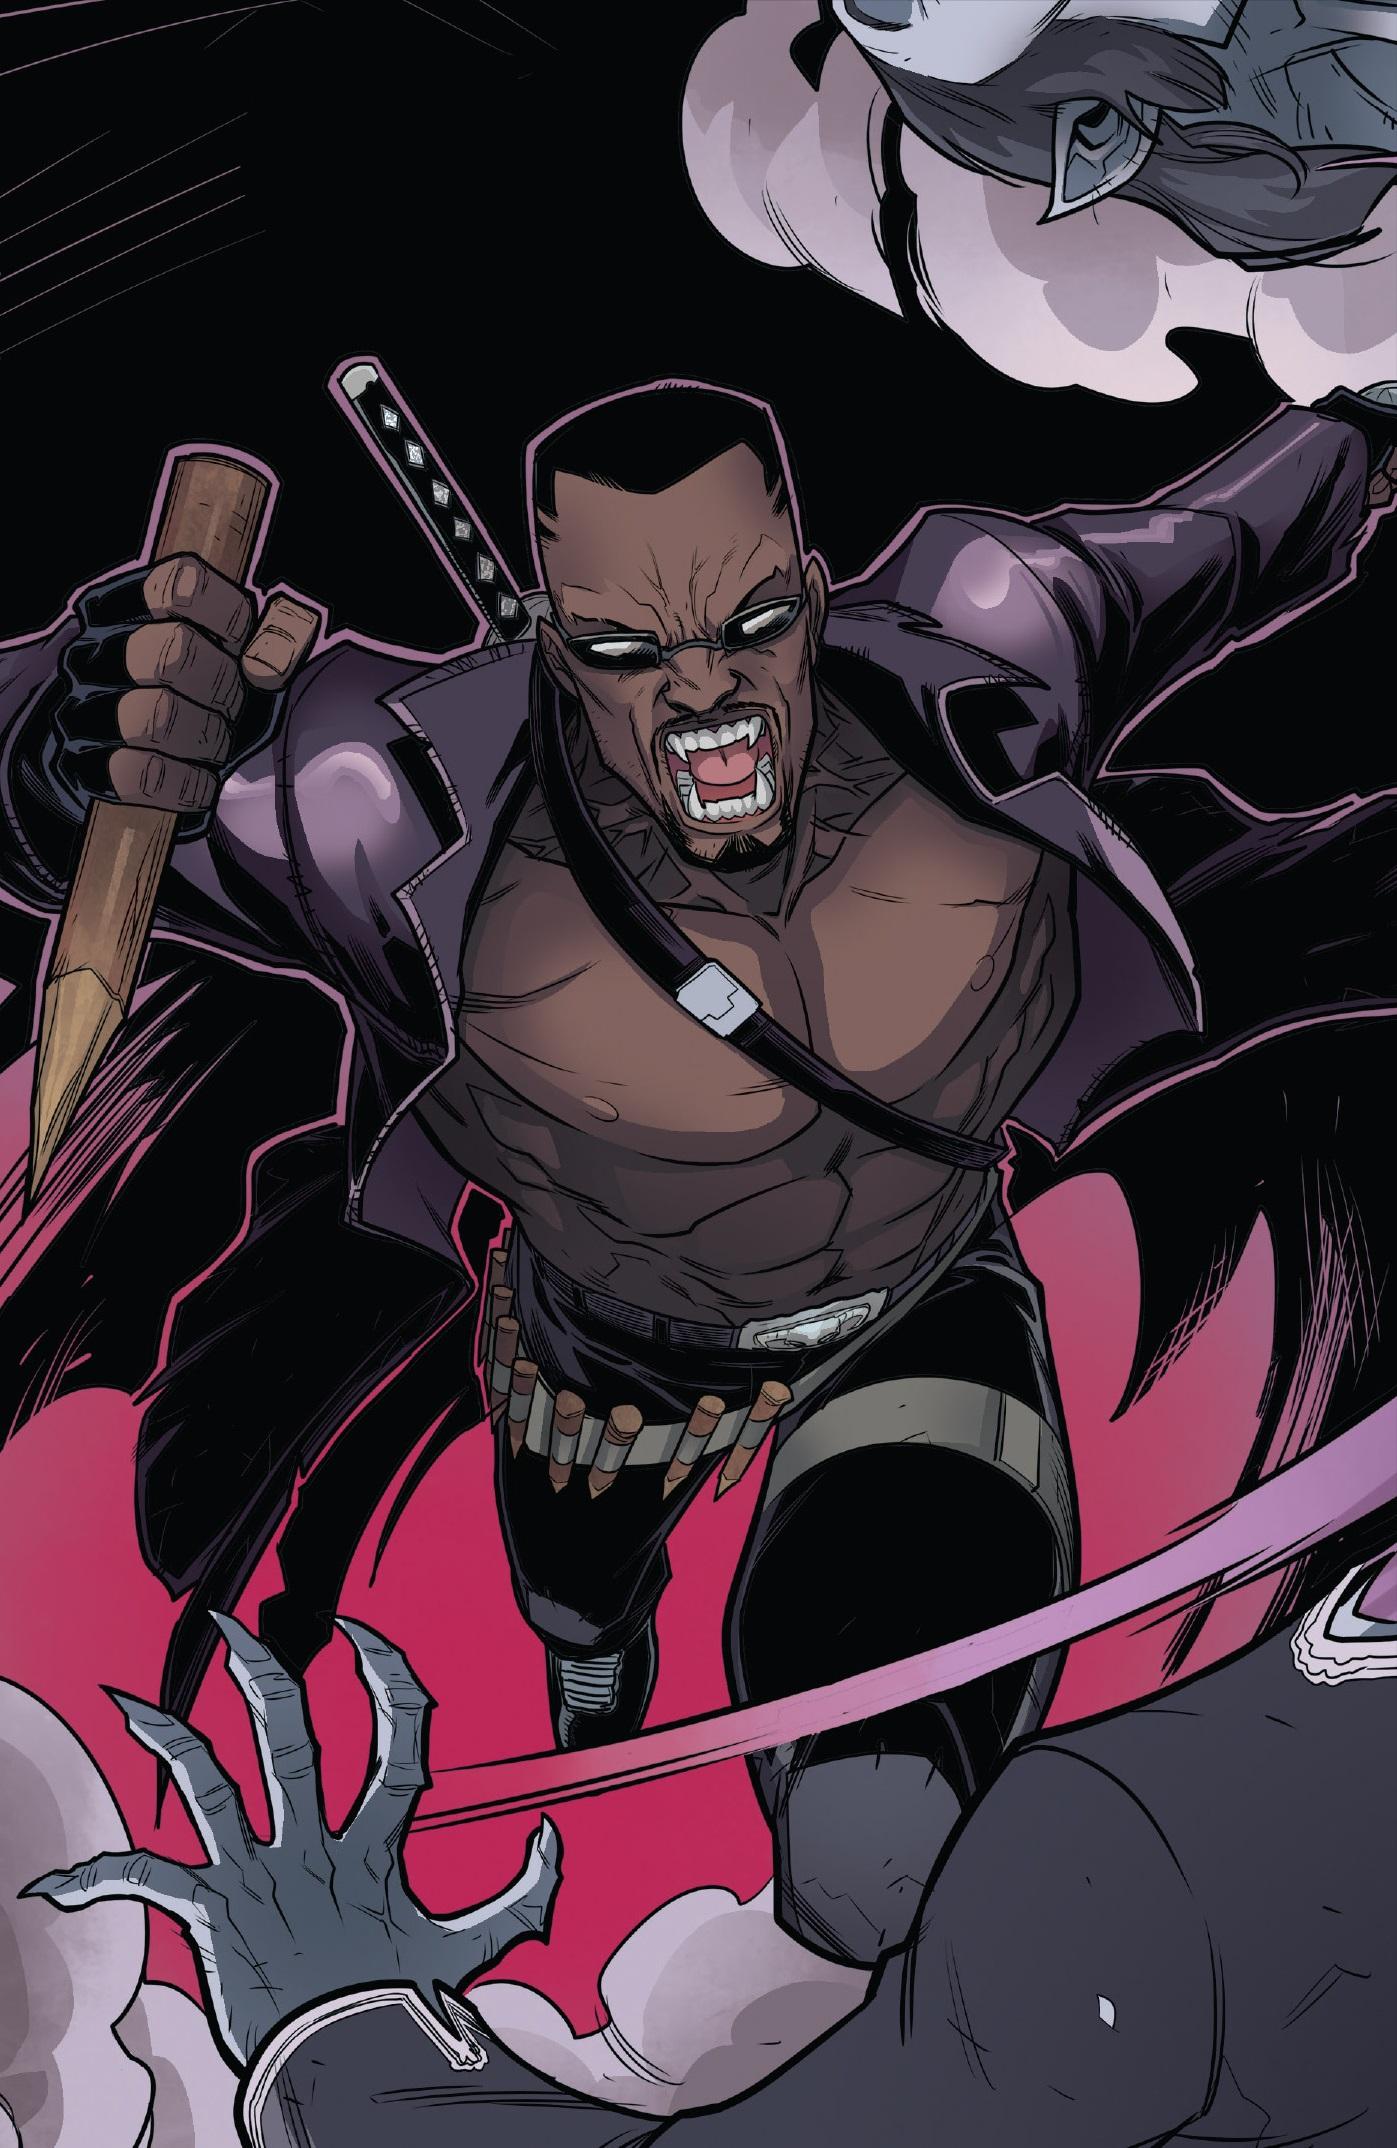 Blade (personaje)